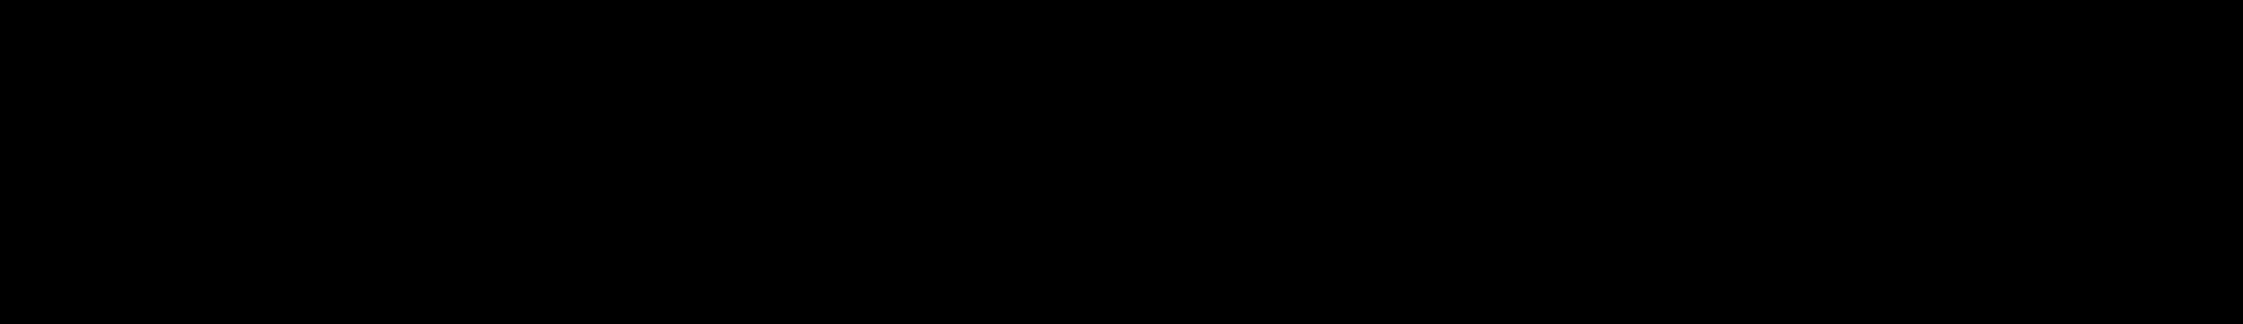 Chal-Tec logo